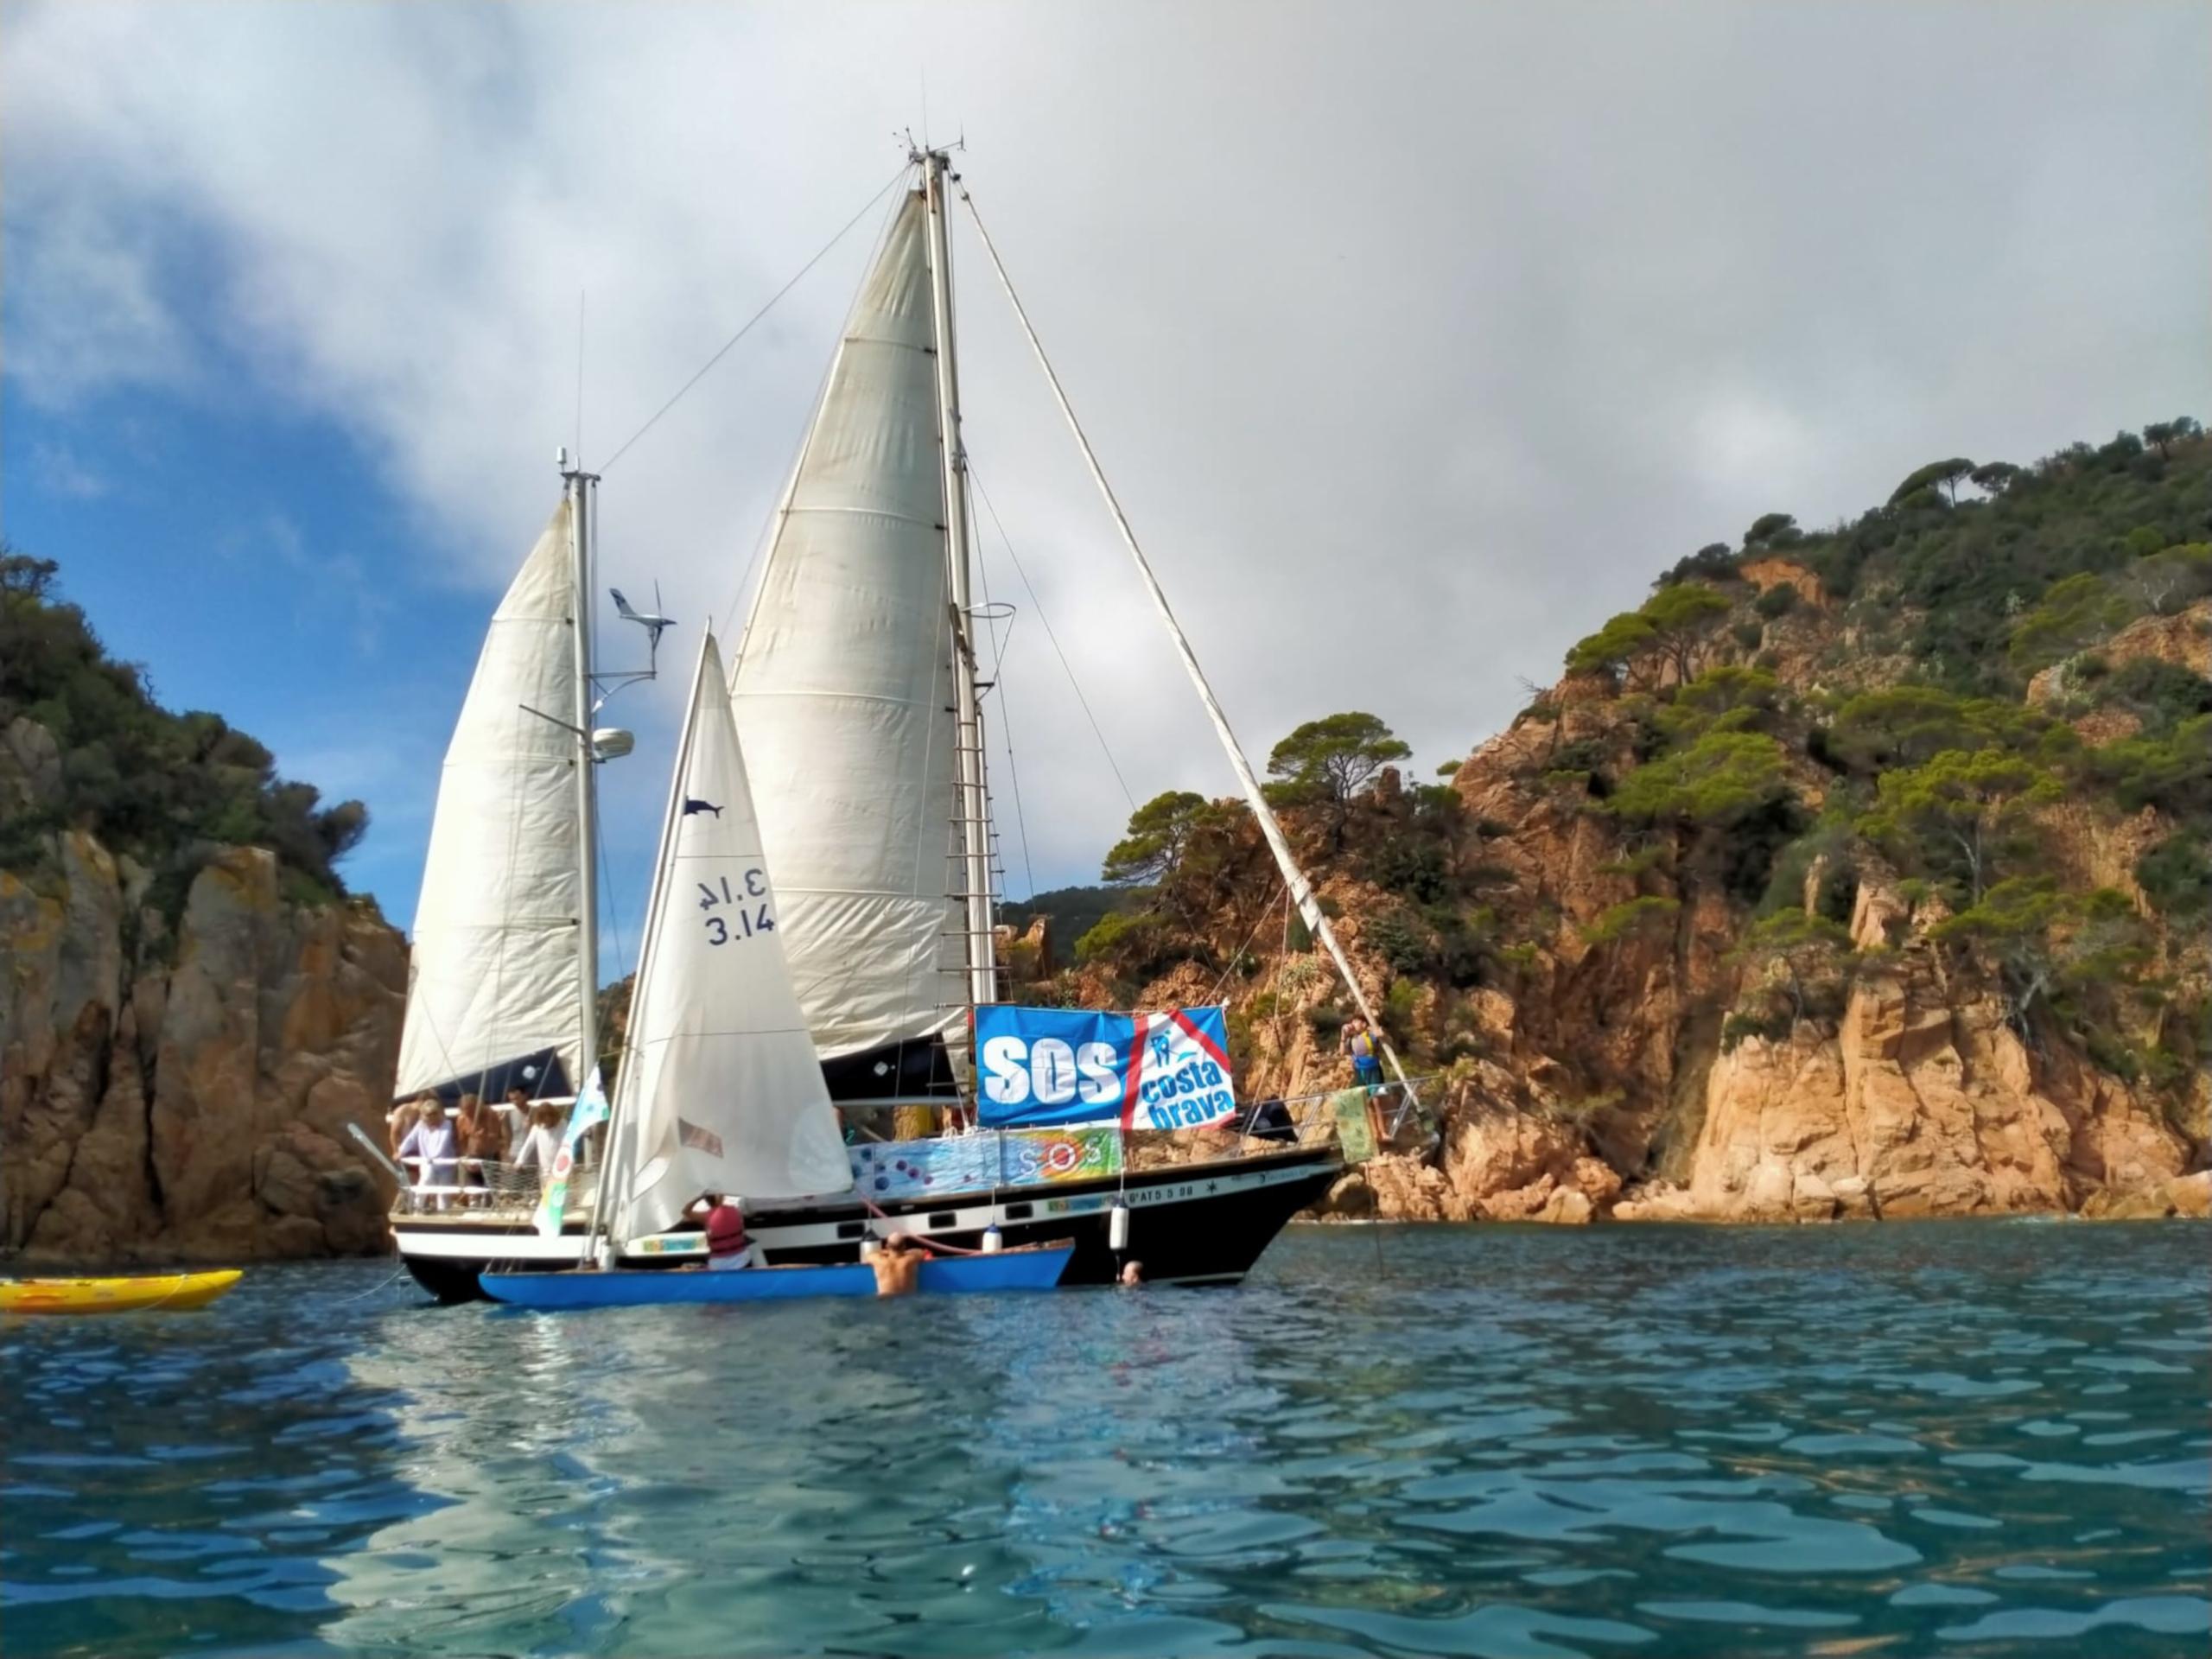 El vaixell utilitzat per SOS Costa Brava durant la ruta | SOS Costa Brava